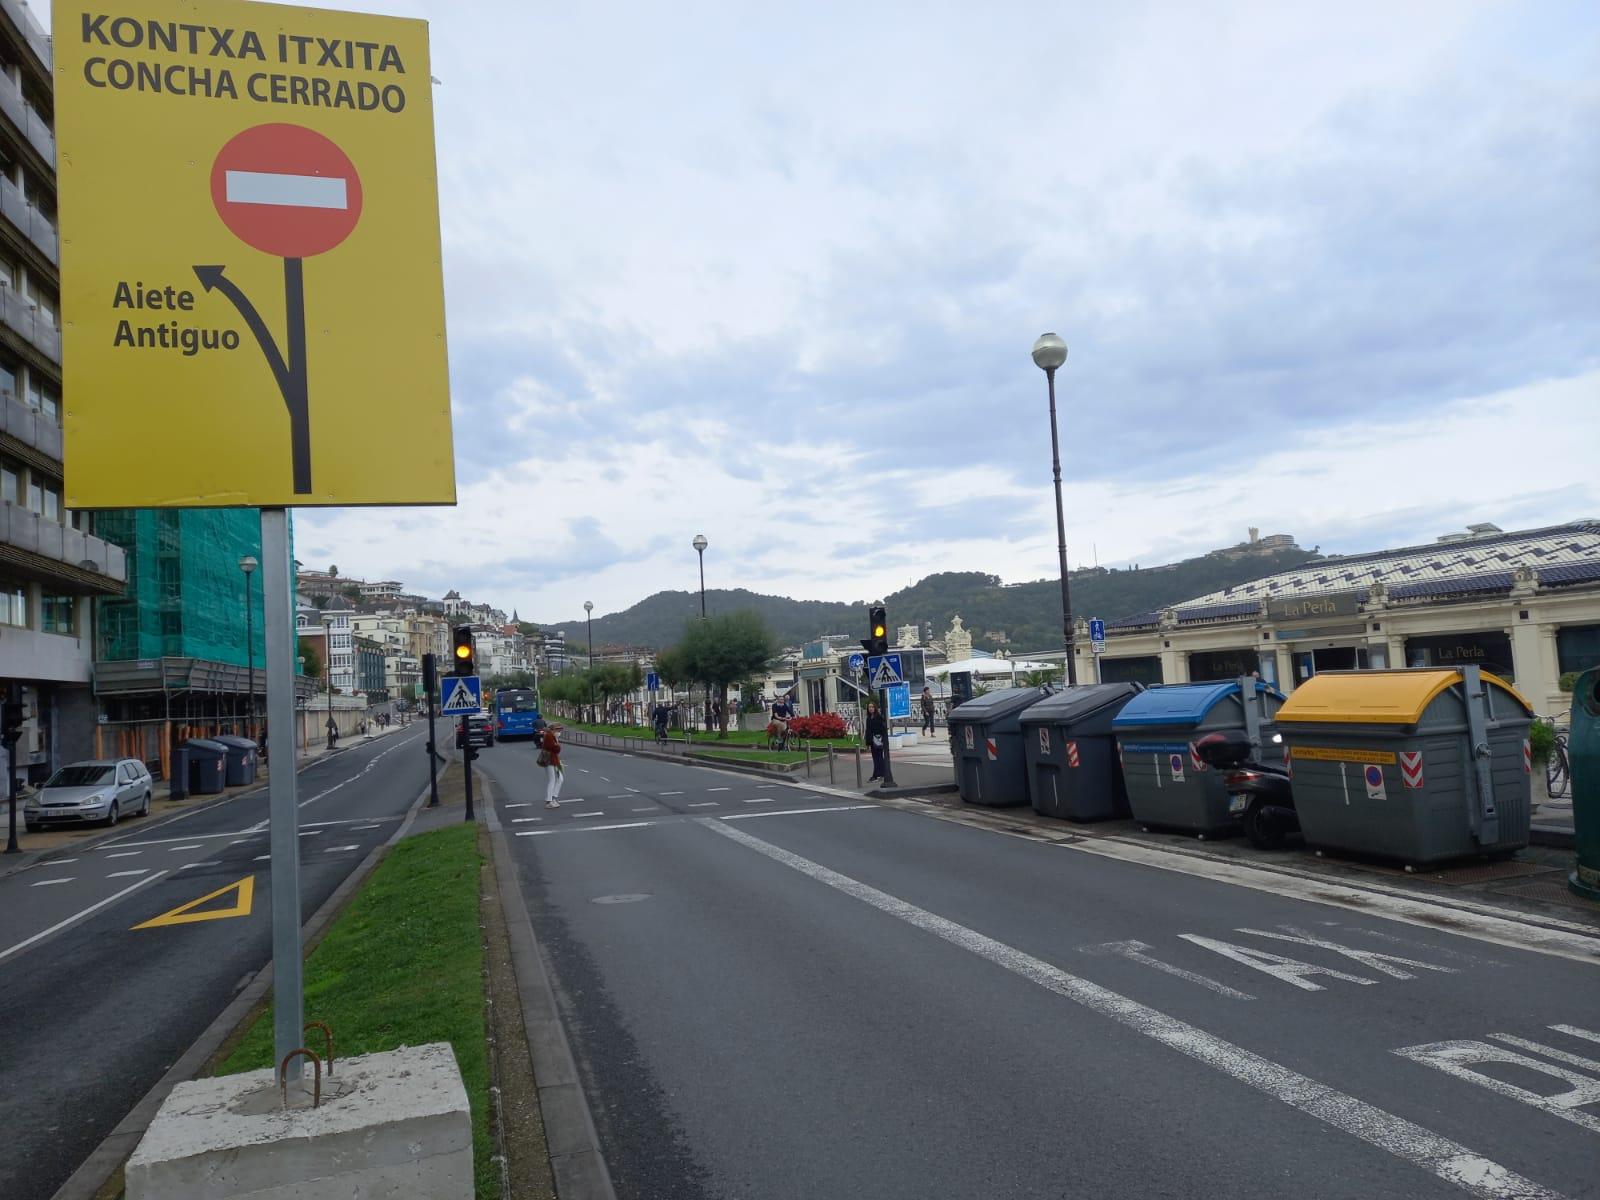 cierre1 - El Paseo de la Concha ya está cerrado a los coches